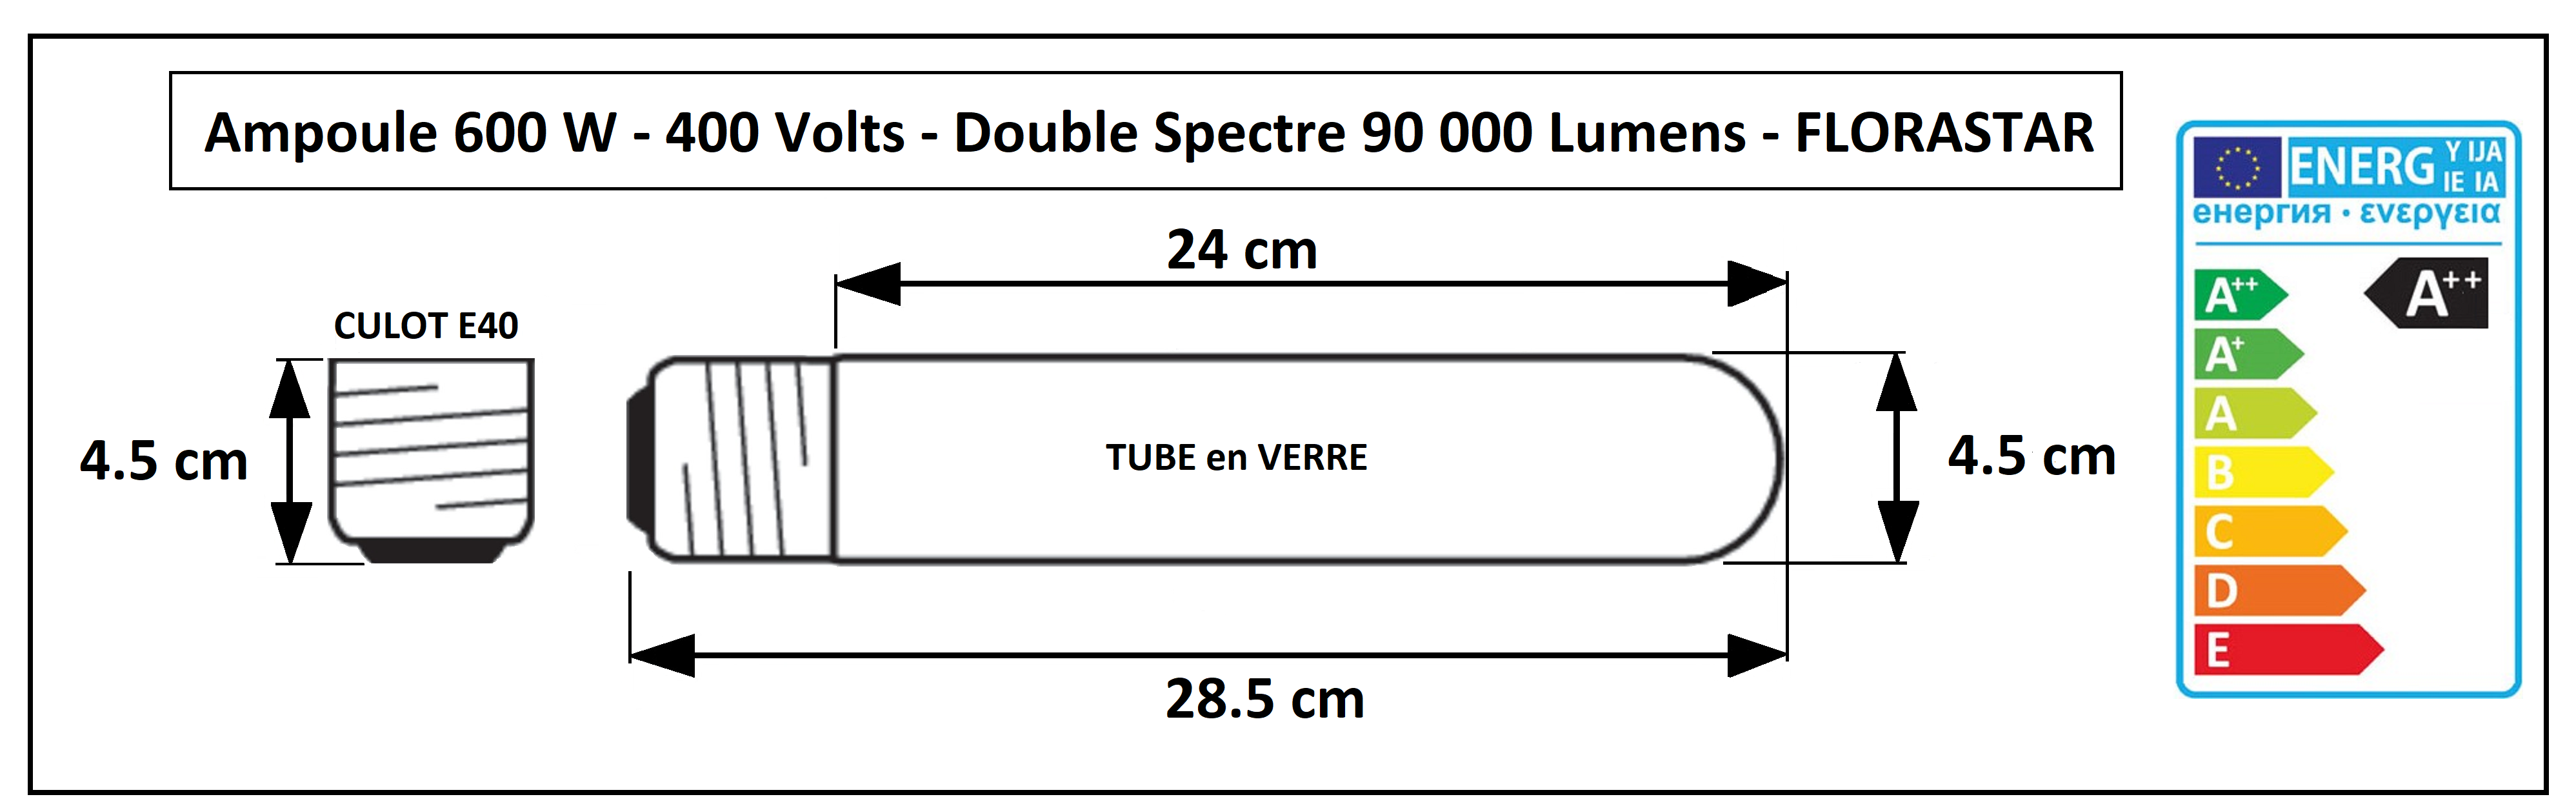 Dimensions de l'ampoule HPS 600W - 400 volts Florastar